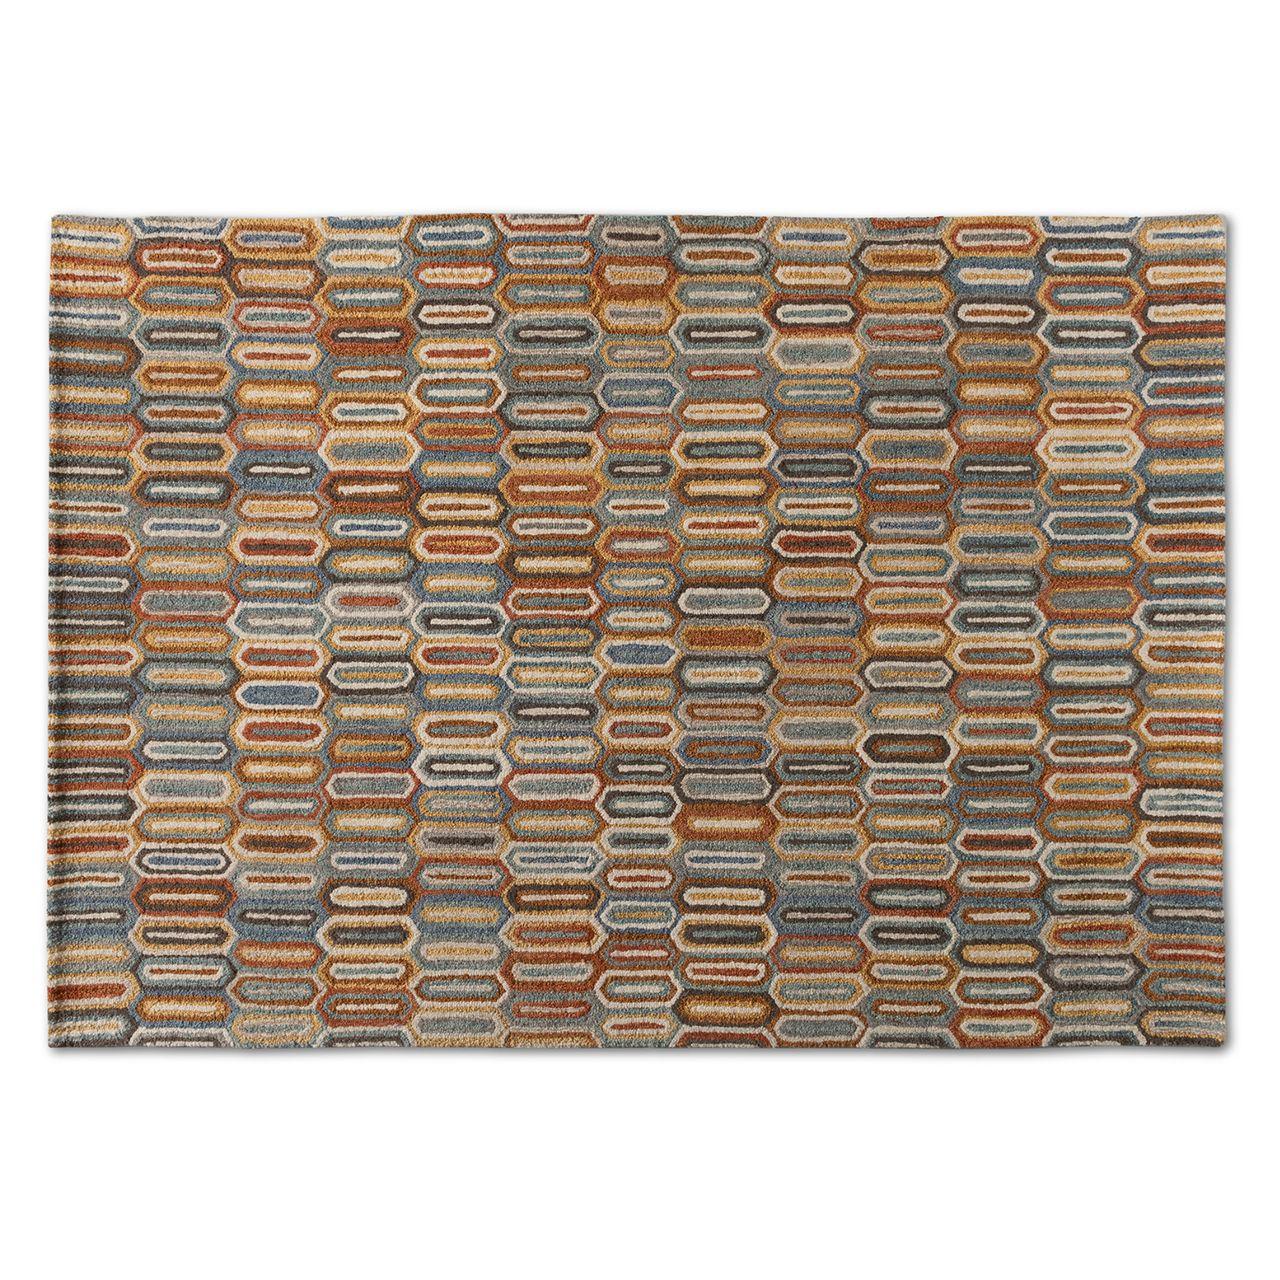 Baxton Studio Kavir Multi-Colored Hand-Tufted Wool Area Rug